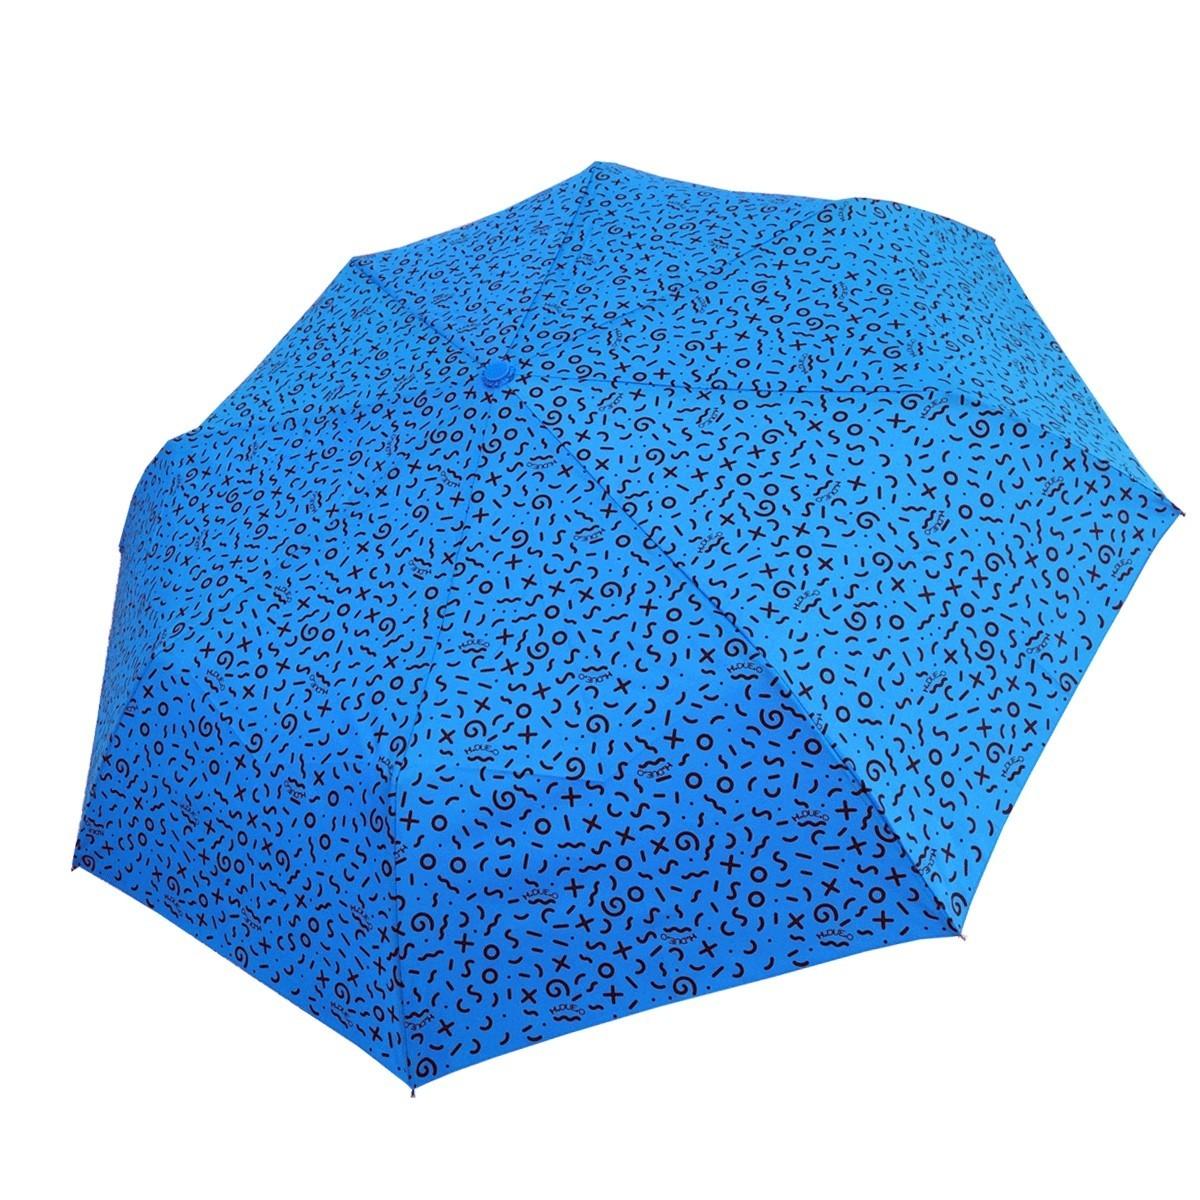 Ombrello mini H-130 (paperella) azzurro aperto - H.2.O